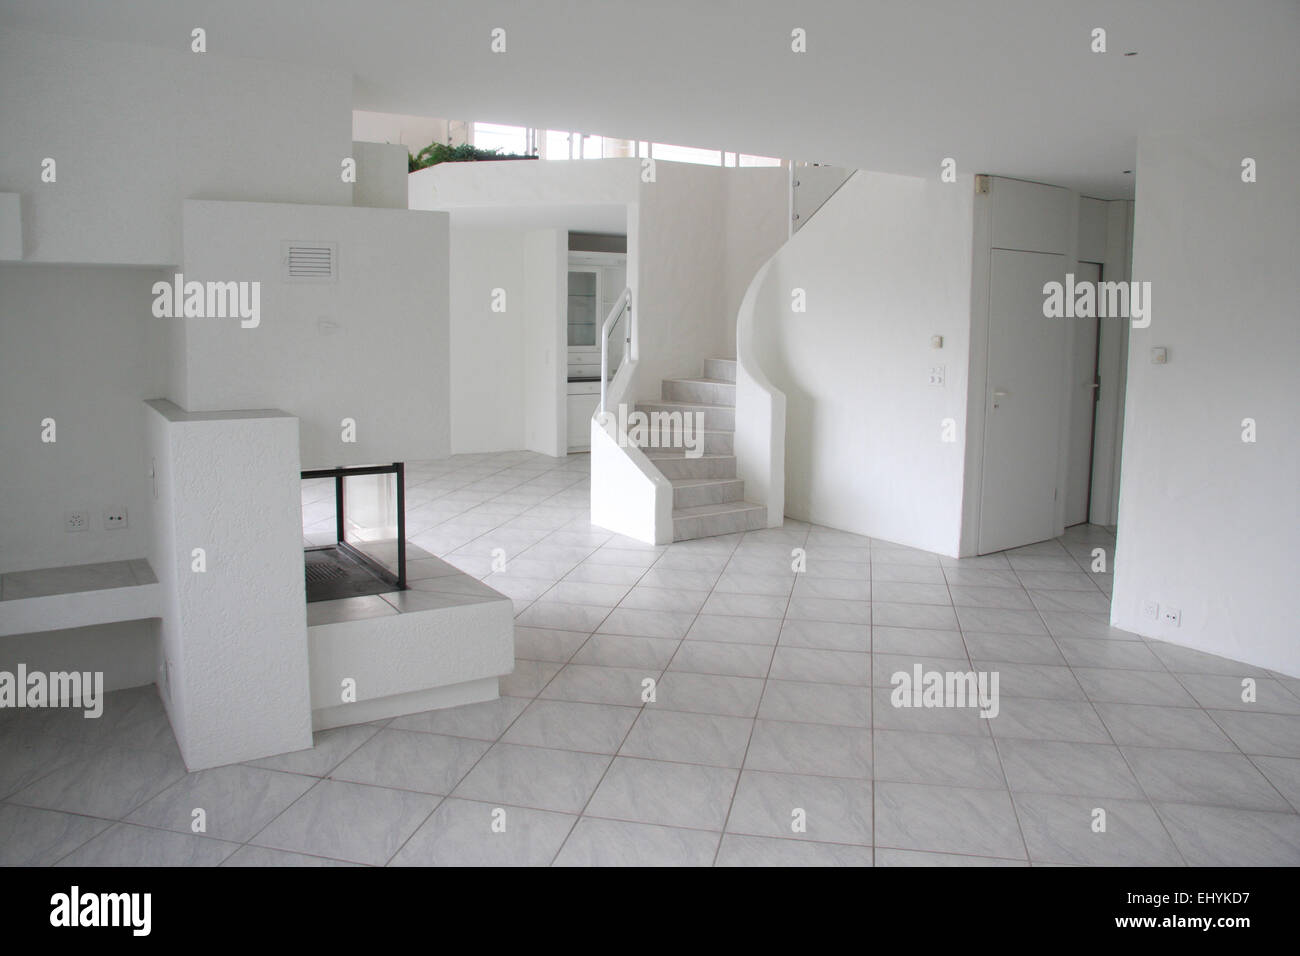 schweiz haus wohnung einfamilienhaus luxuri s innen leer zimmer schornstein kamin. Black Bedroom Furniture Sets. Home Design Ideas